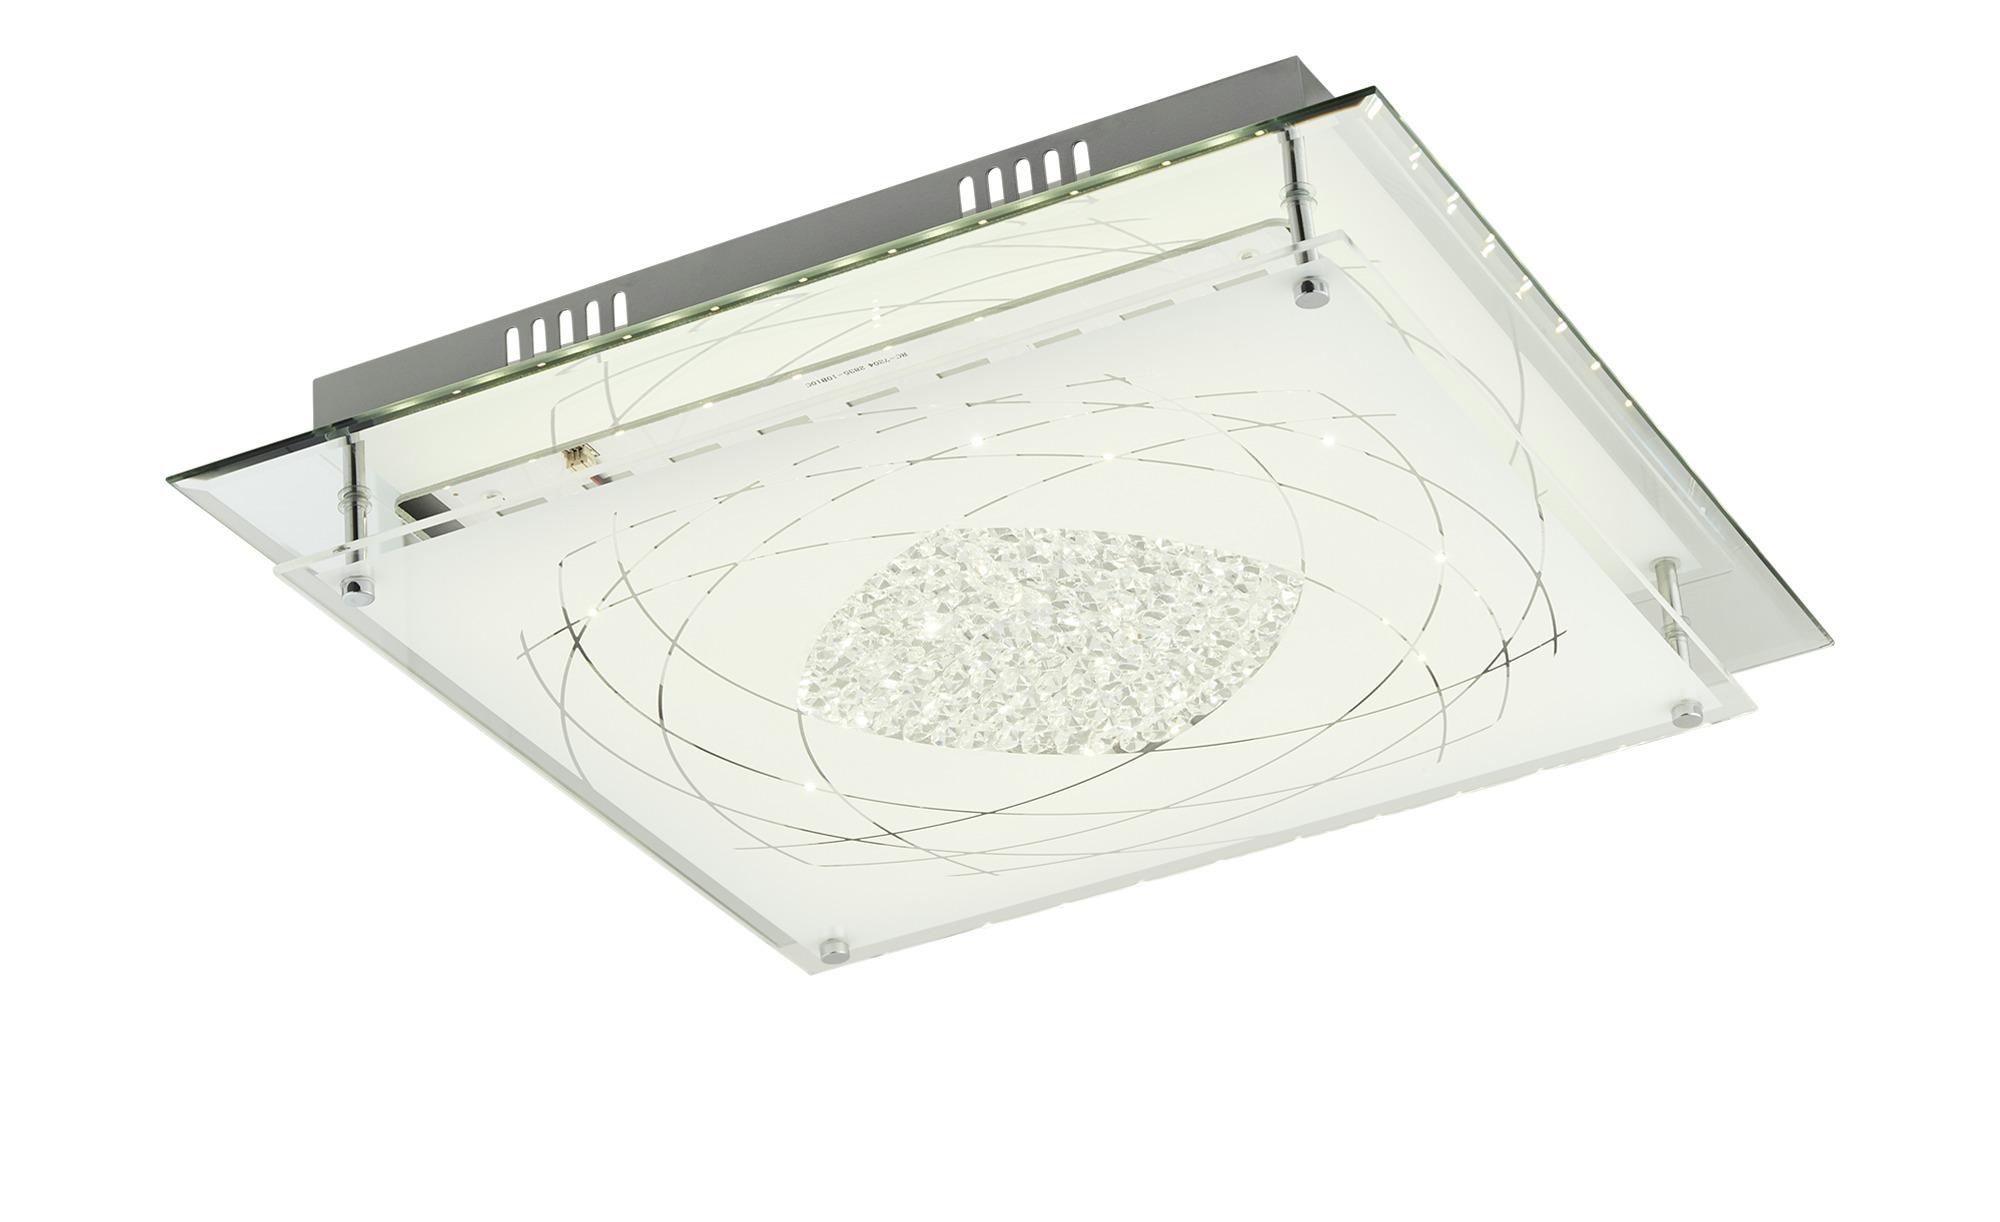 KHG LED-Deckenleuchte mit Verzierung ¦ silber ¦ Maße (cm): B: 43 H: 8,5 Lampen & Leuchten > Innenleuchten > Deckenleuchten - Höffner